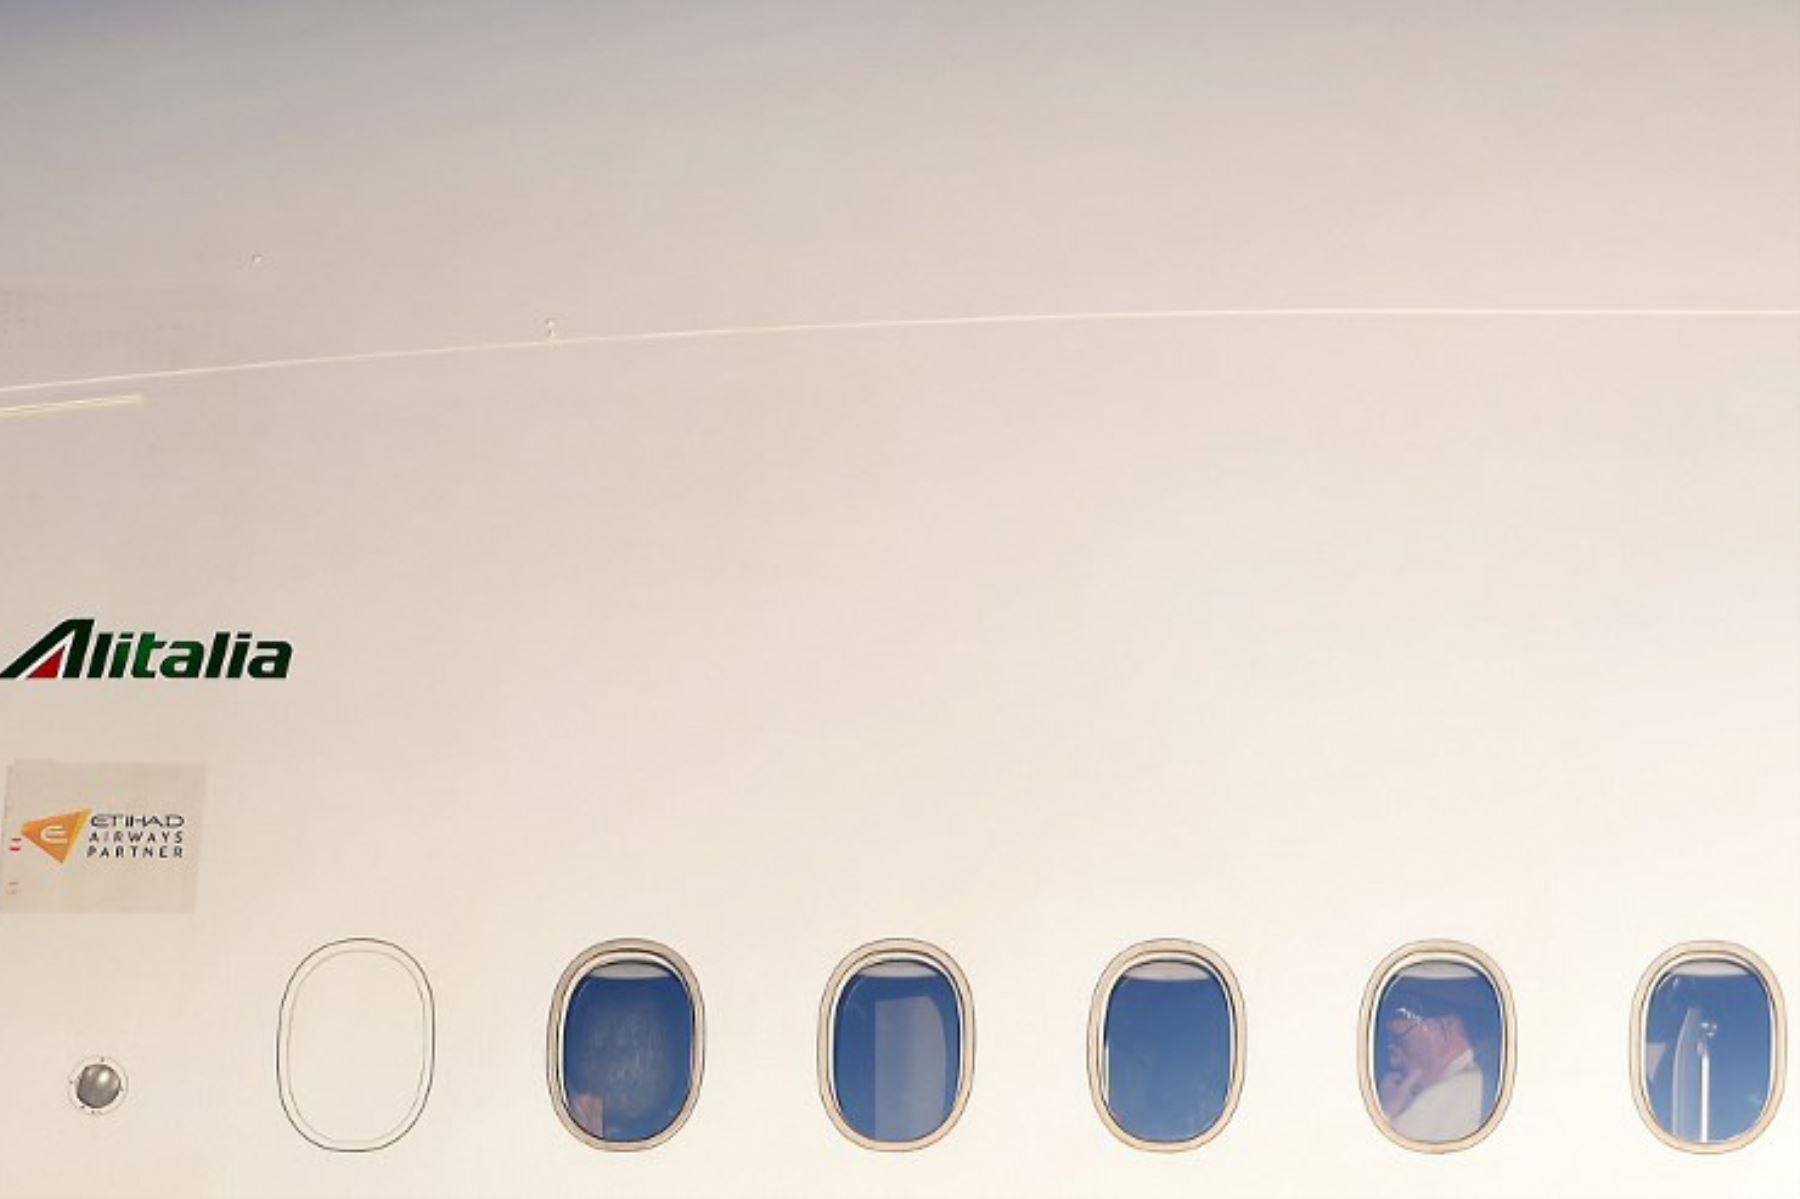 El Papa Francisco emprende su viaje a Chile y Perú en el aeropuerto Fiumicino de Roma. Foto: AFP